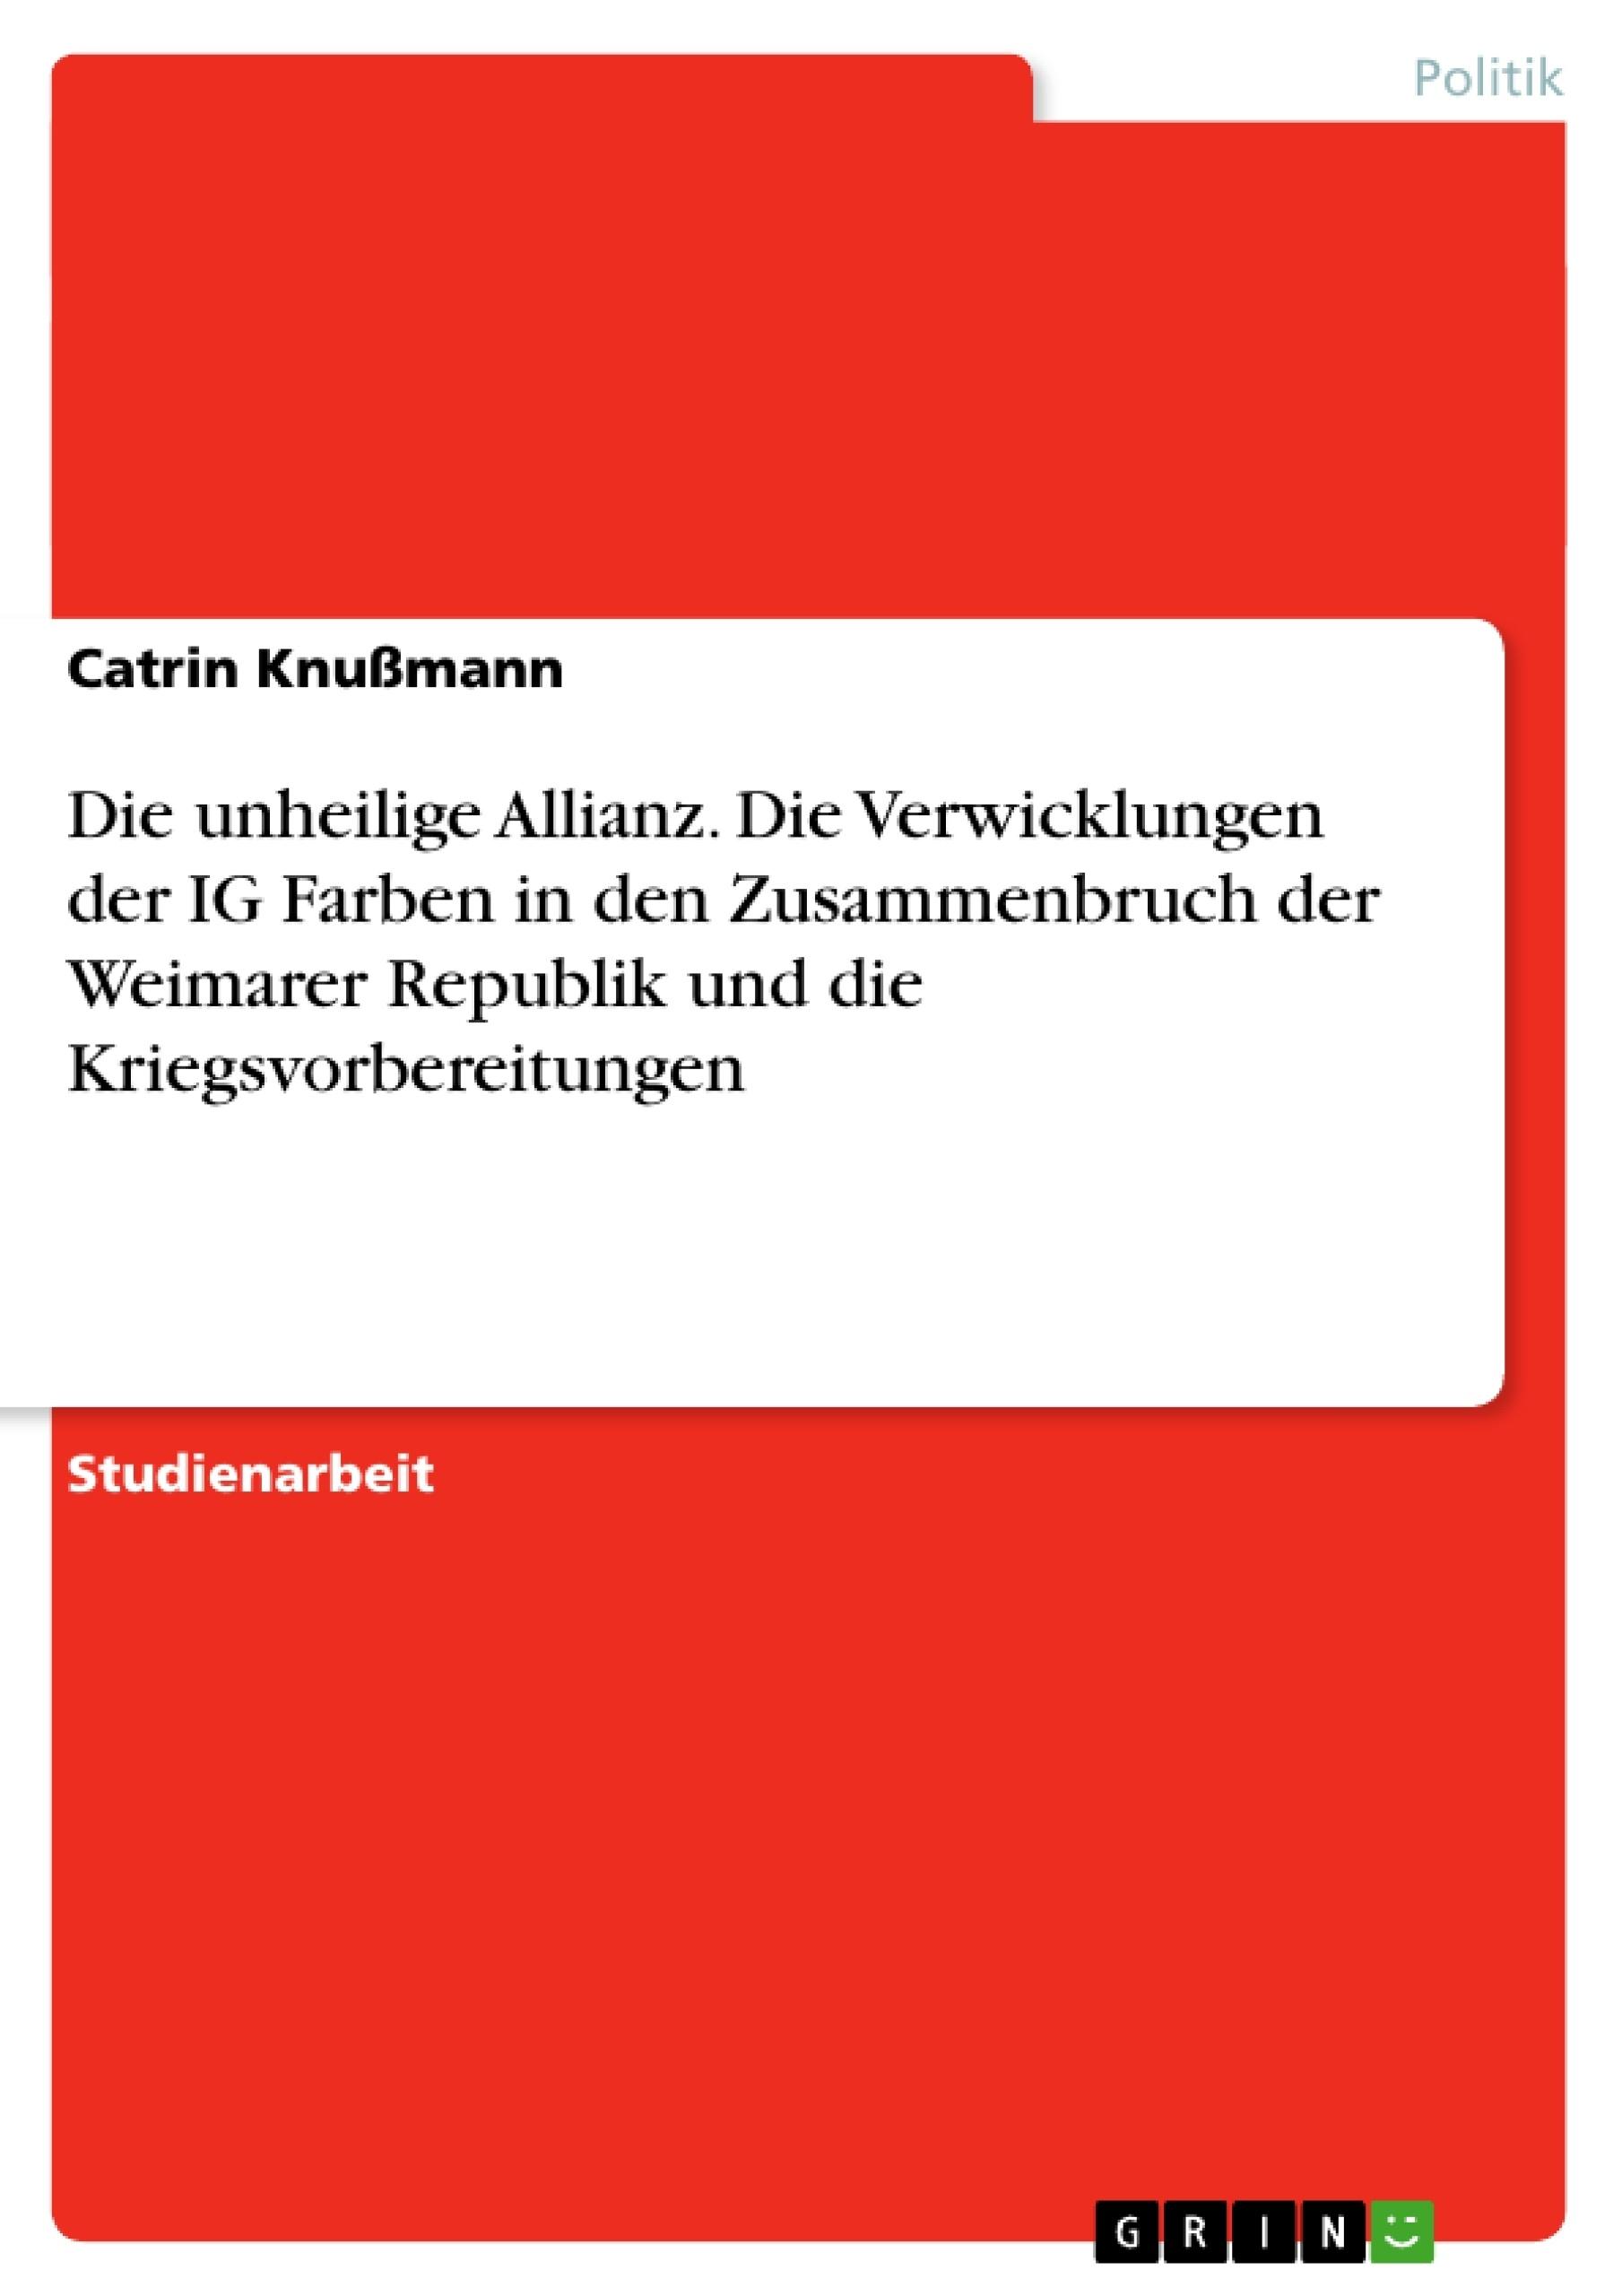 Titel: Die unheilige Allianz. Die Verwicklungen der IG Farben in den Zusammenbruch der Weimarer Republik und die Kriegsvorbereitungen